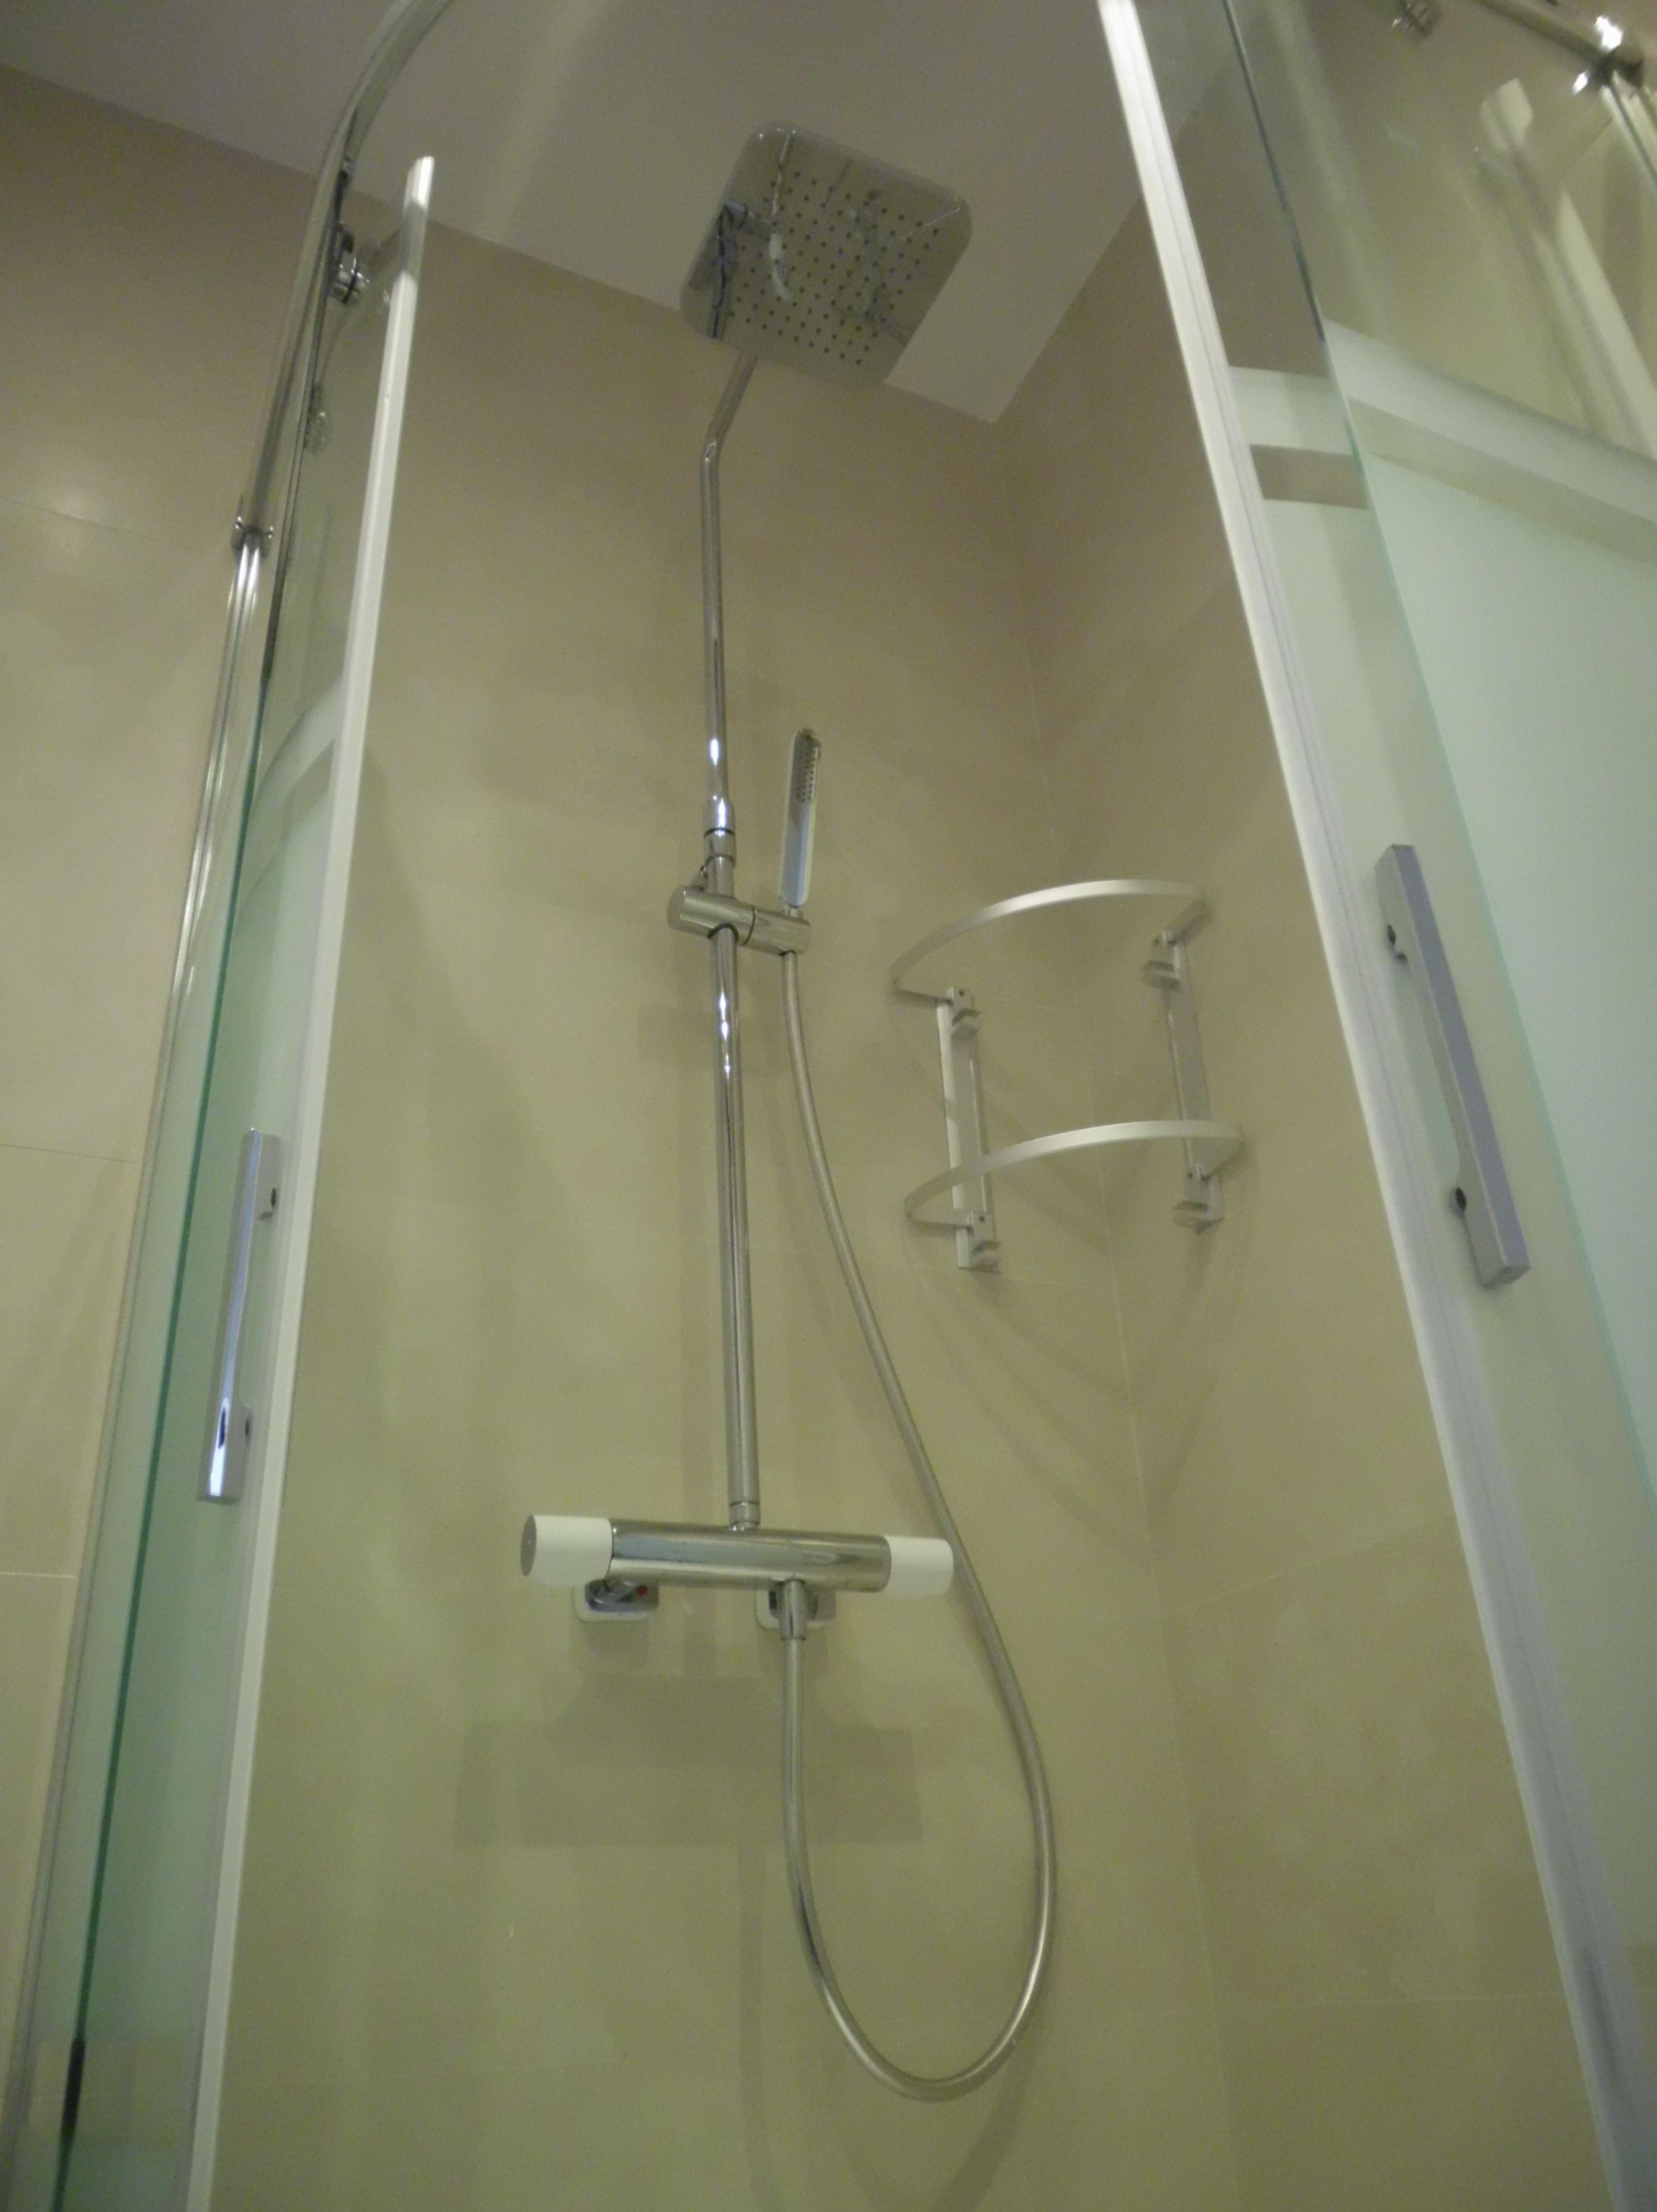 Reforma integral de de alta calidad de un piso \u002D Grifos ducha